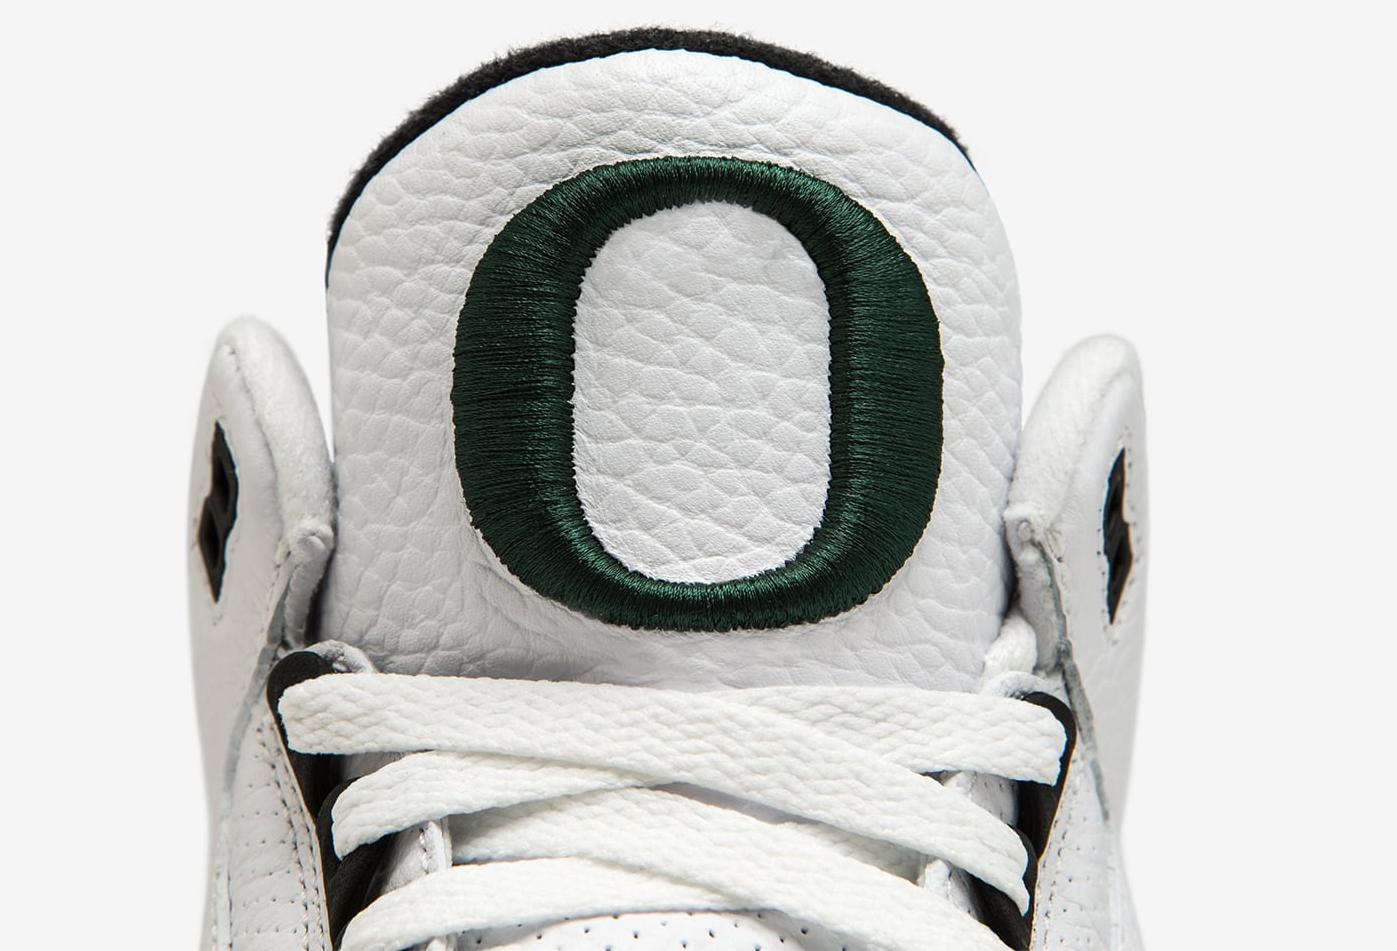 Oregon Ducks Air Jordan 3 Tongue